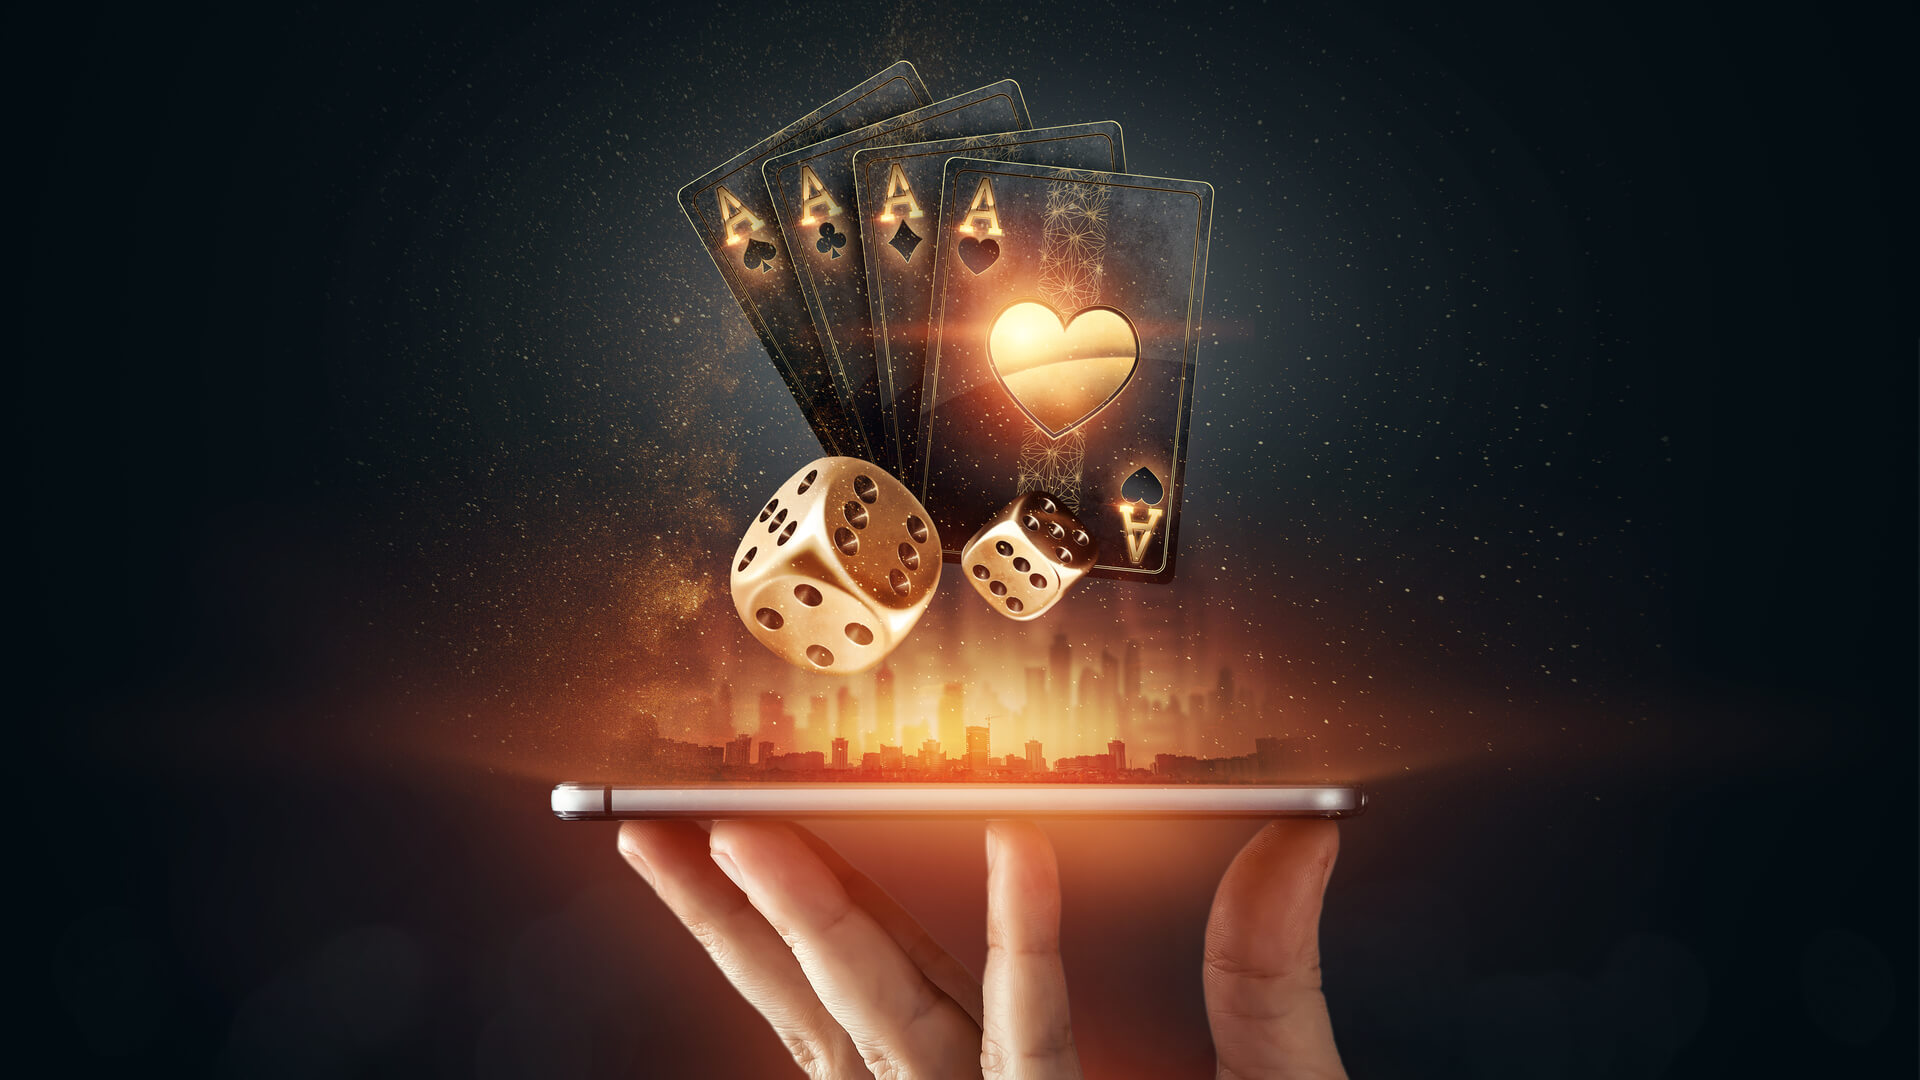 オンラインカジノのキャッシュフローの流れ